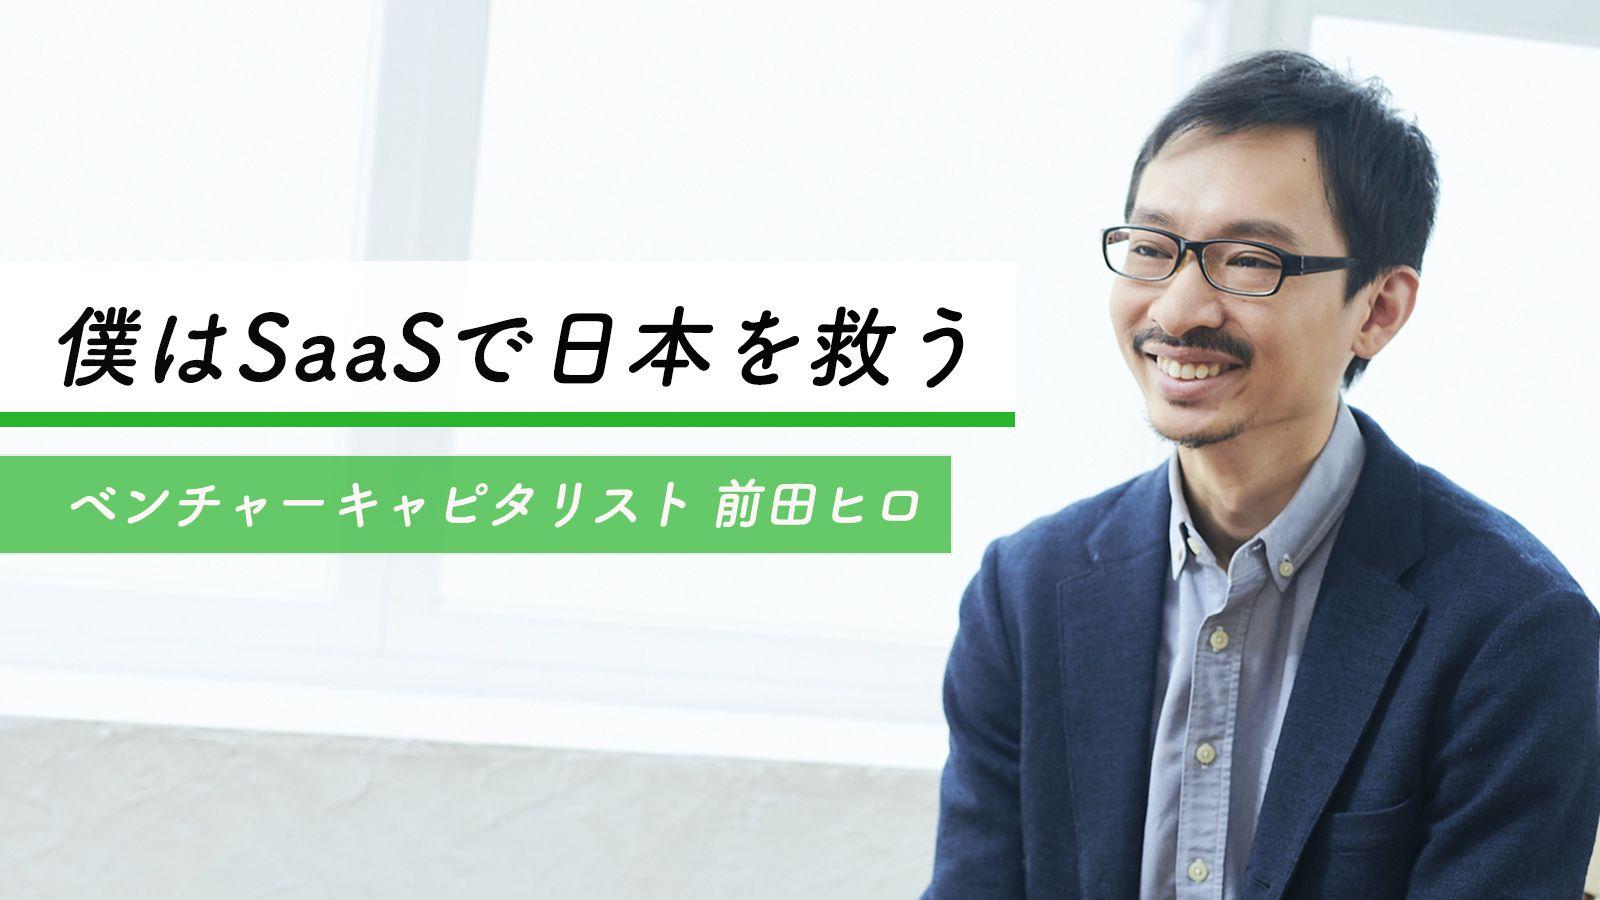 「SaaSにしか投資しない」と決めた日、あるVCの志|前田ヒロ